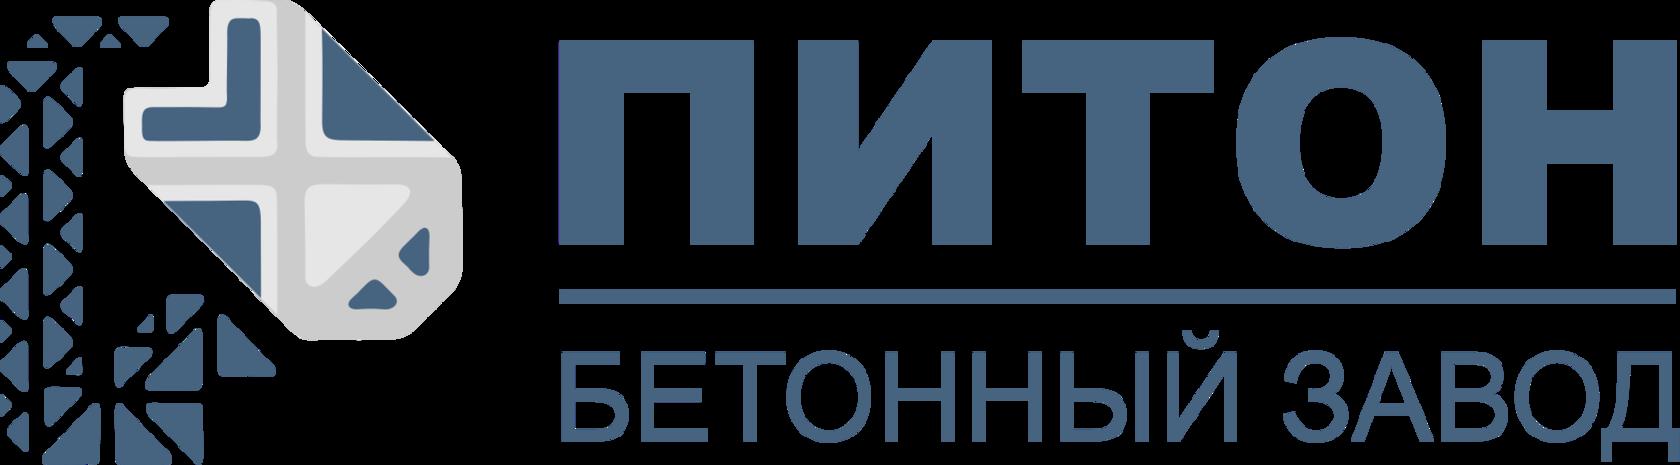 Бетон питон бетон м200 купить в хабаровске